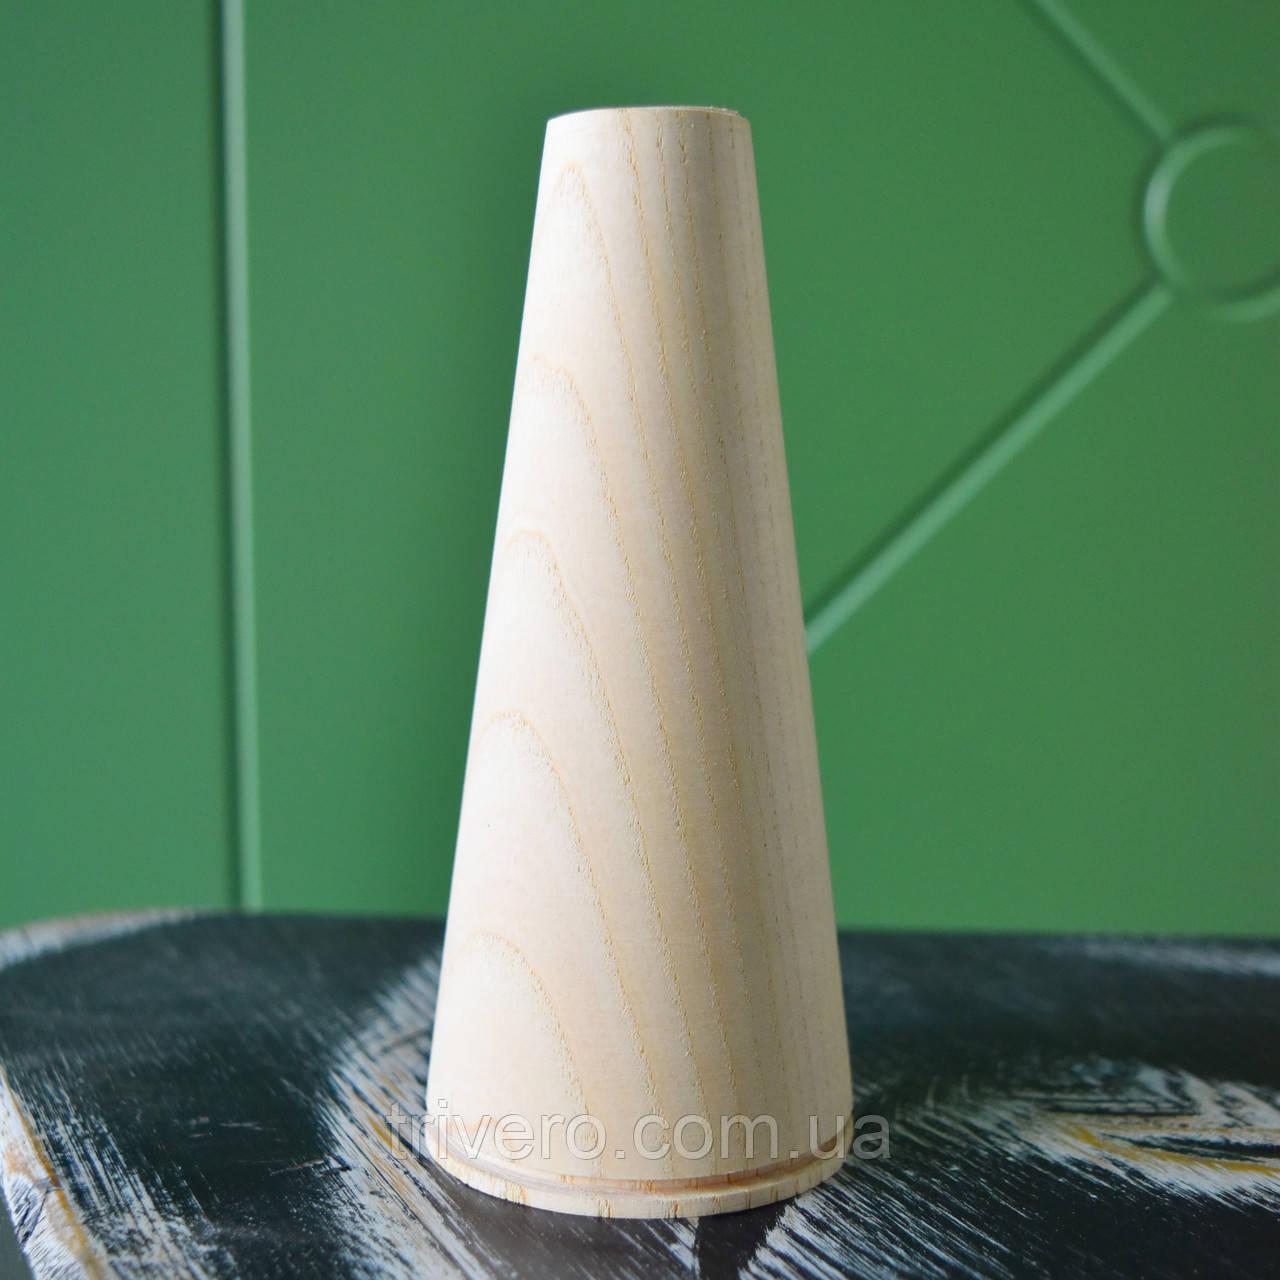 Деревянные ножки для мебели конусные H.100 - 600 D. 58-30